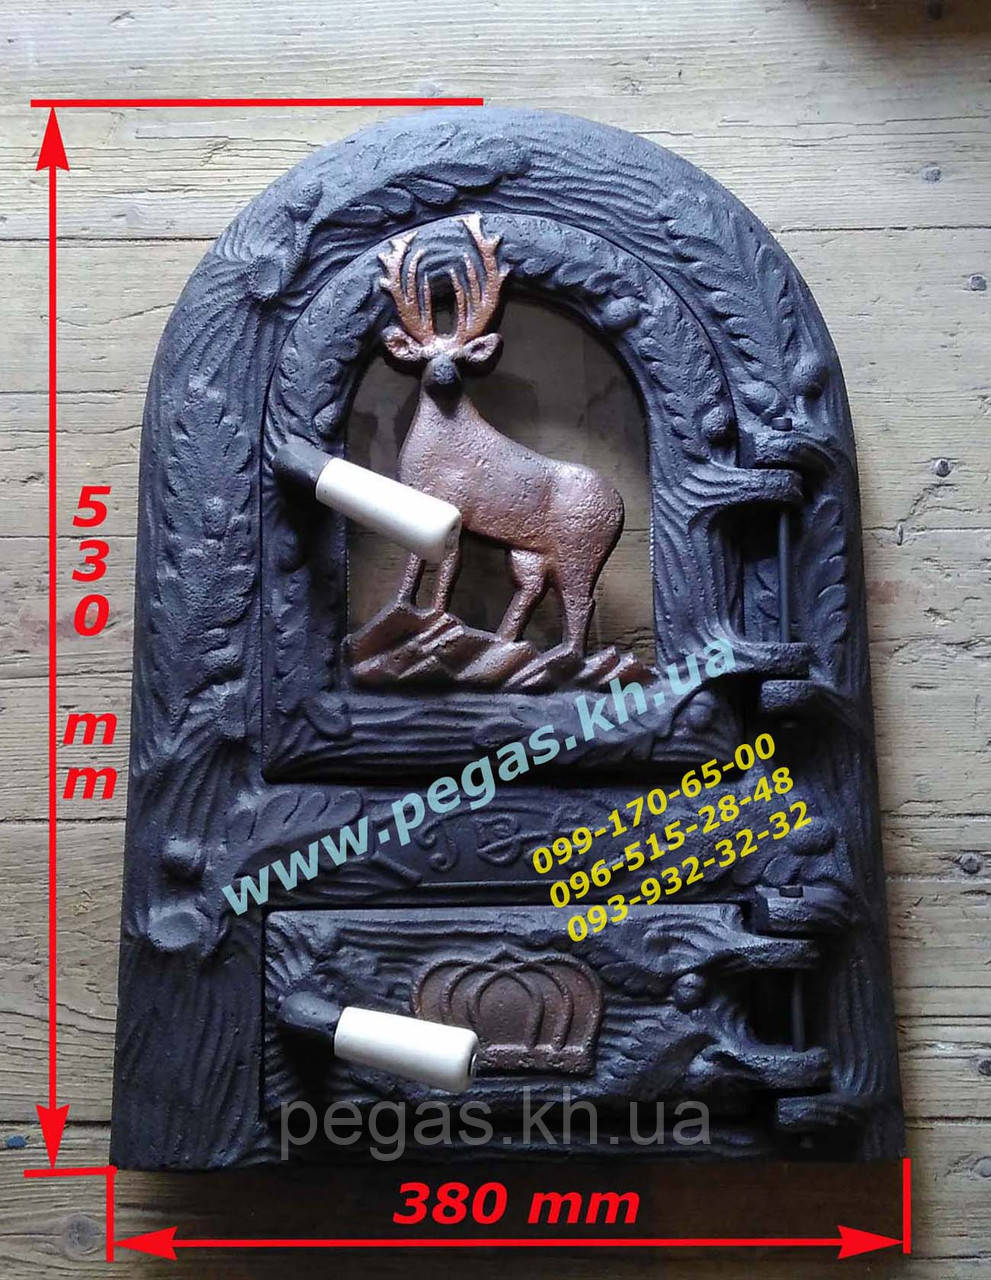 Дверка чугунная с жаростойким стеклом для барбекю, мангал, печи, грубу